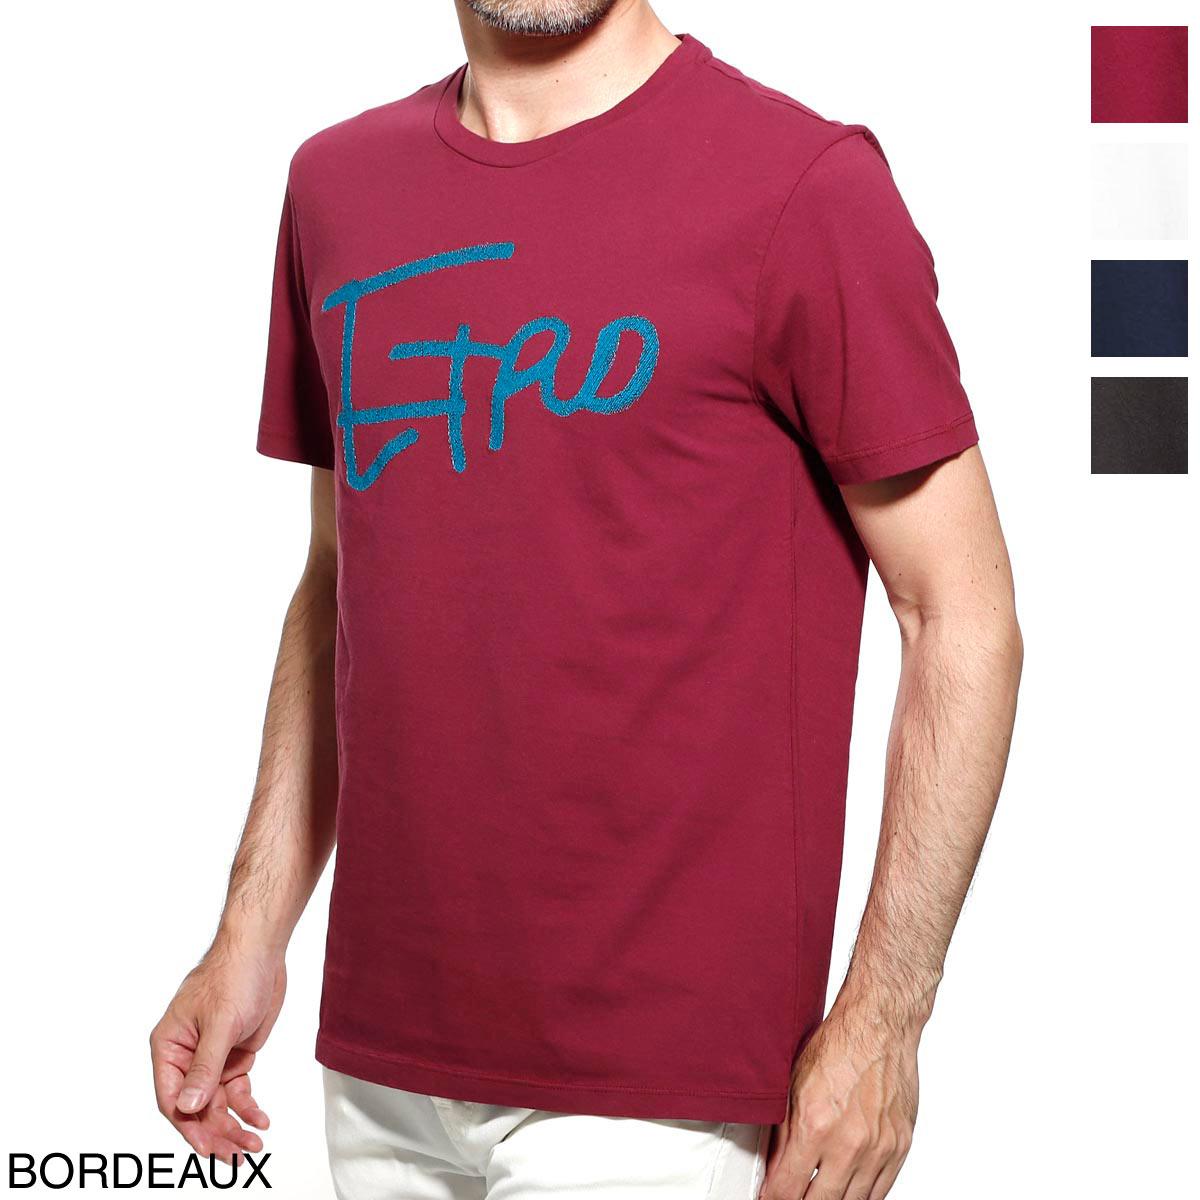 【アウトレット】エトロ ETRO クルーネック Tシャツ メンズ カジュアル トップス インナー スポーツ 半袖 大きいサイズあり 1y020 9727 302 T-SHIRT M/C REGULAR【返品送料無料】【ラッピング無料】【190717】